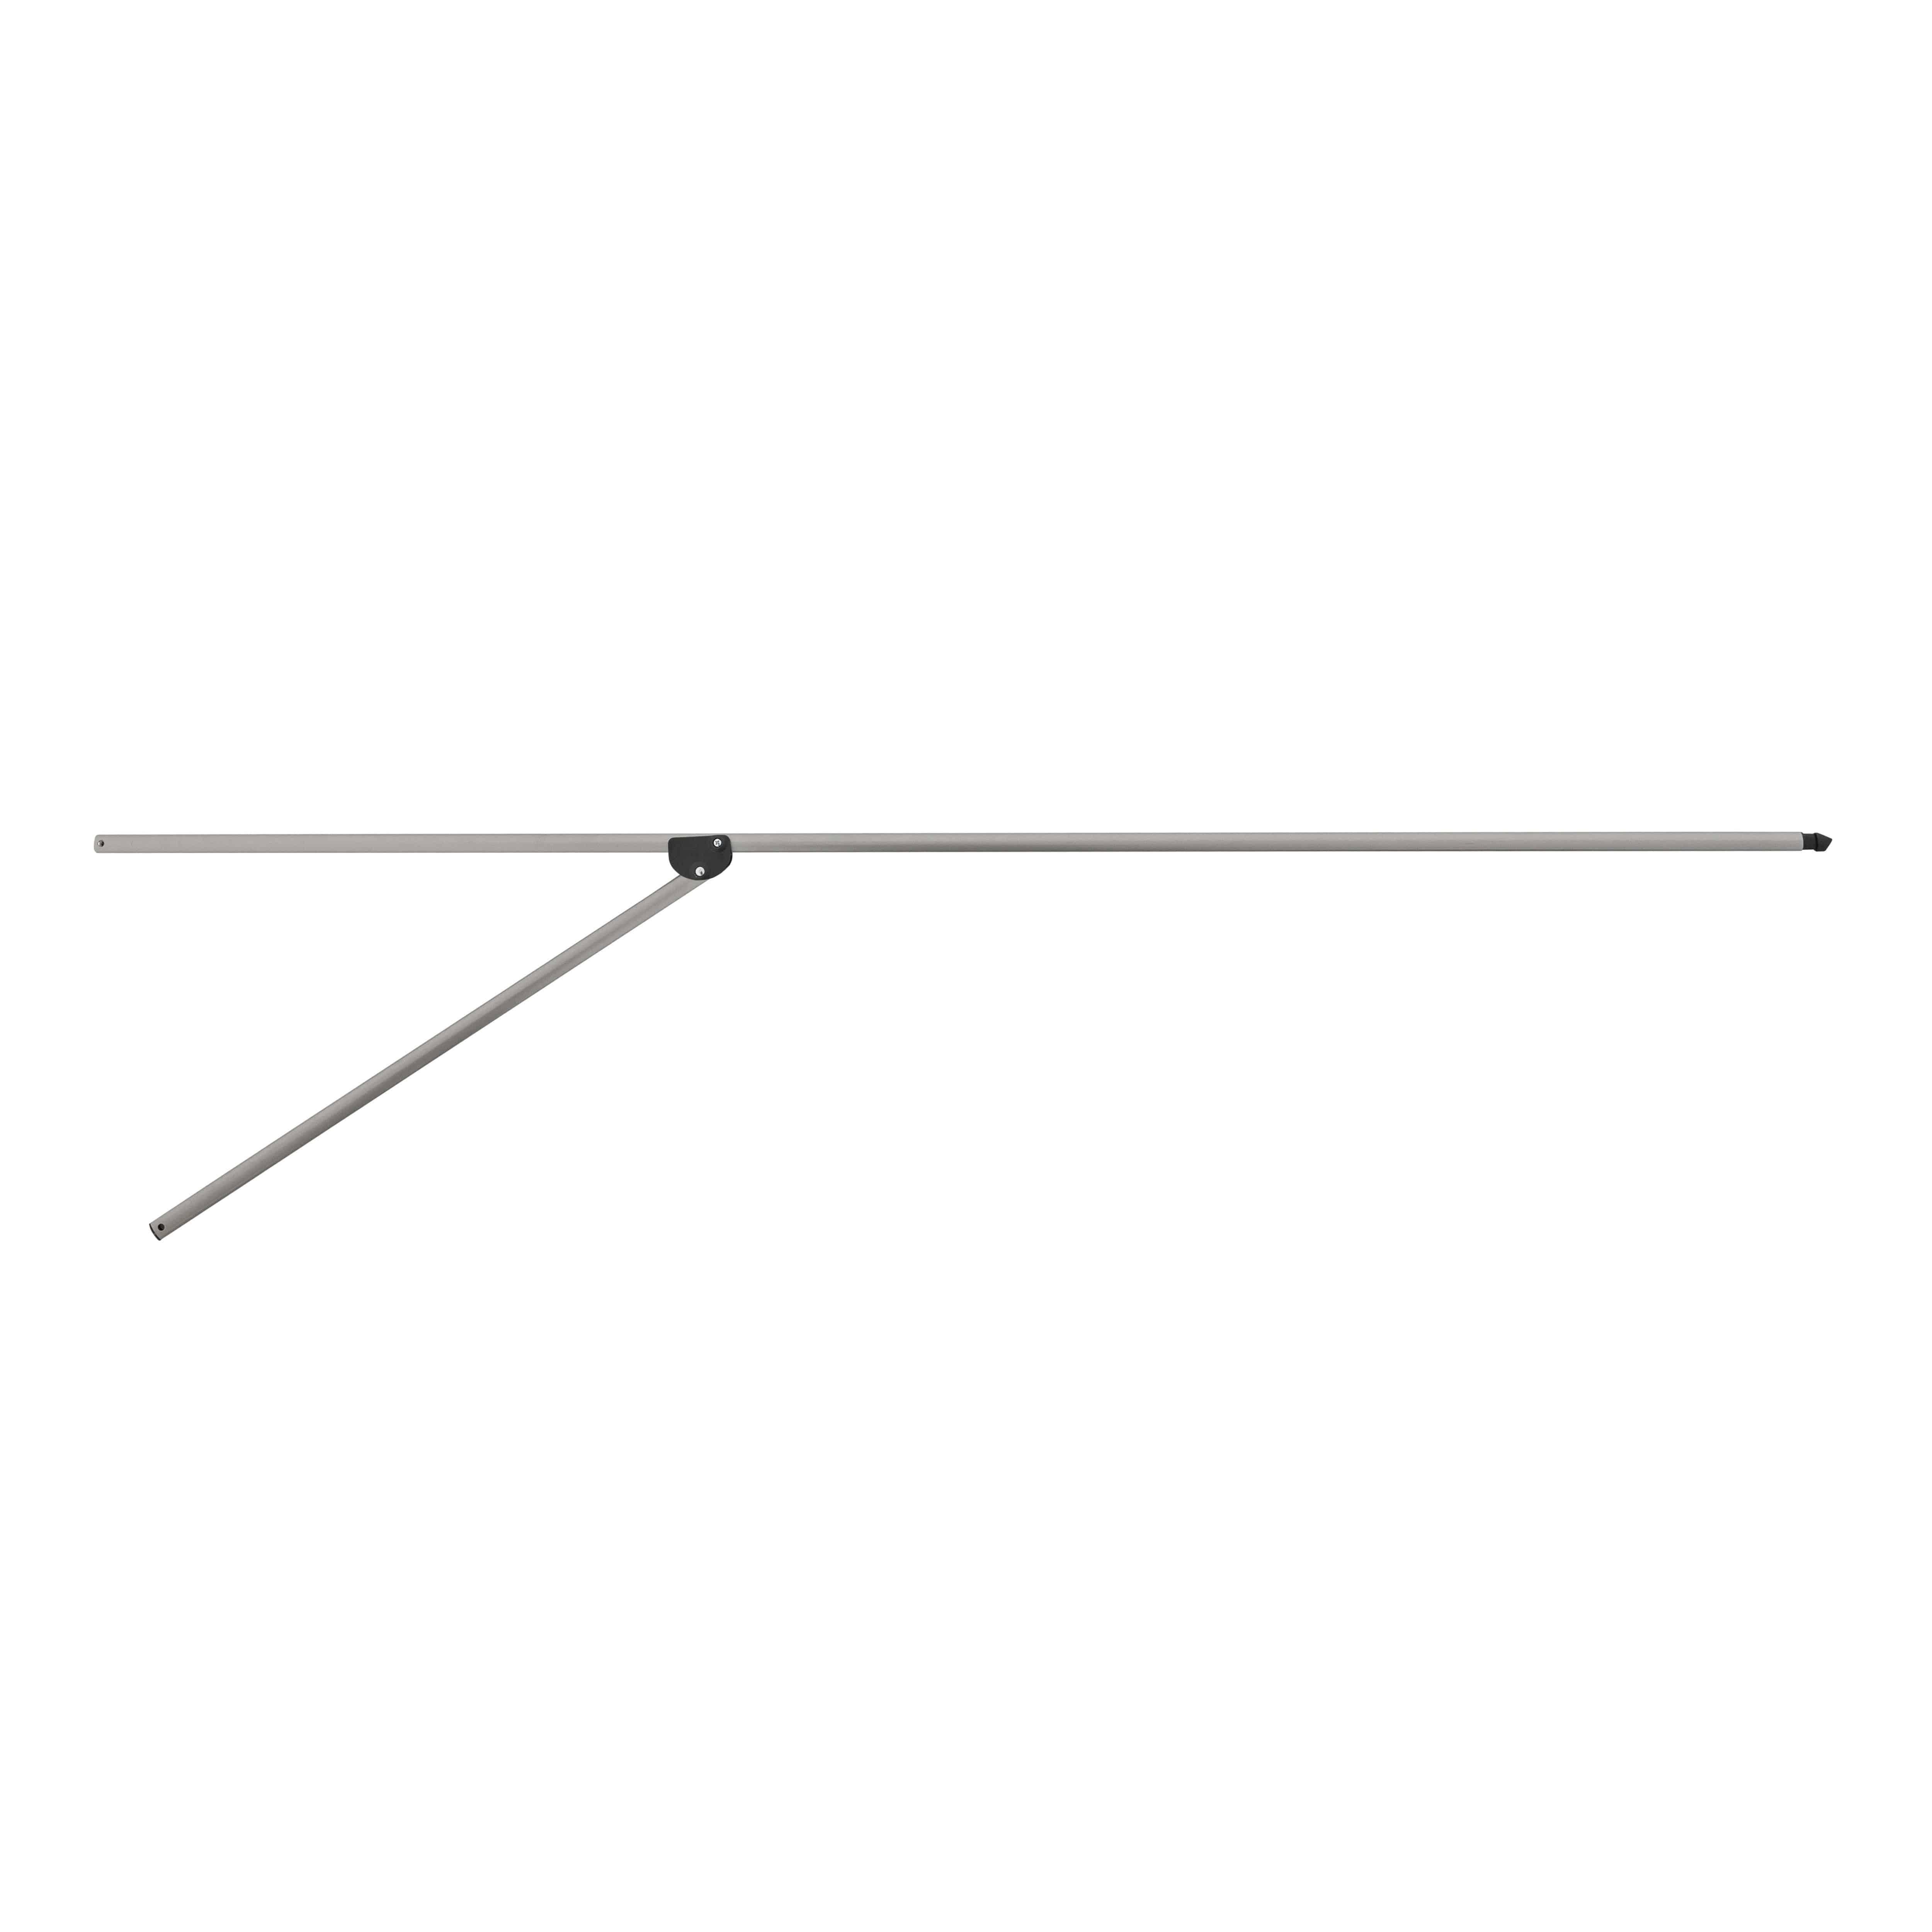 Knirps Strut Strebe für Sonnenschirm Automatic 290